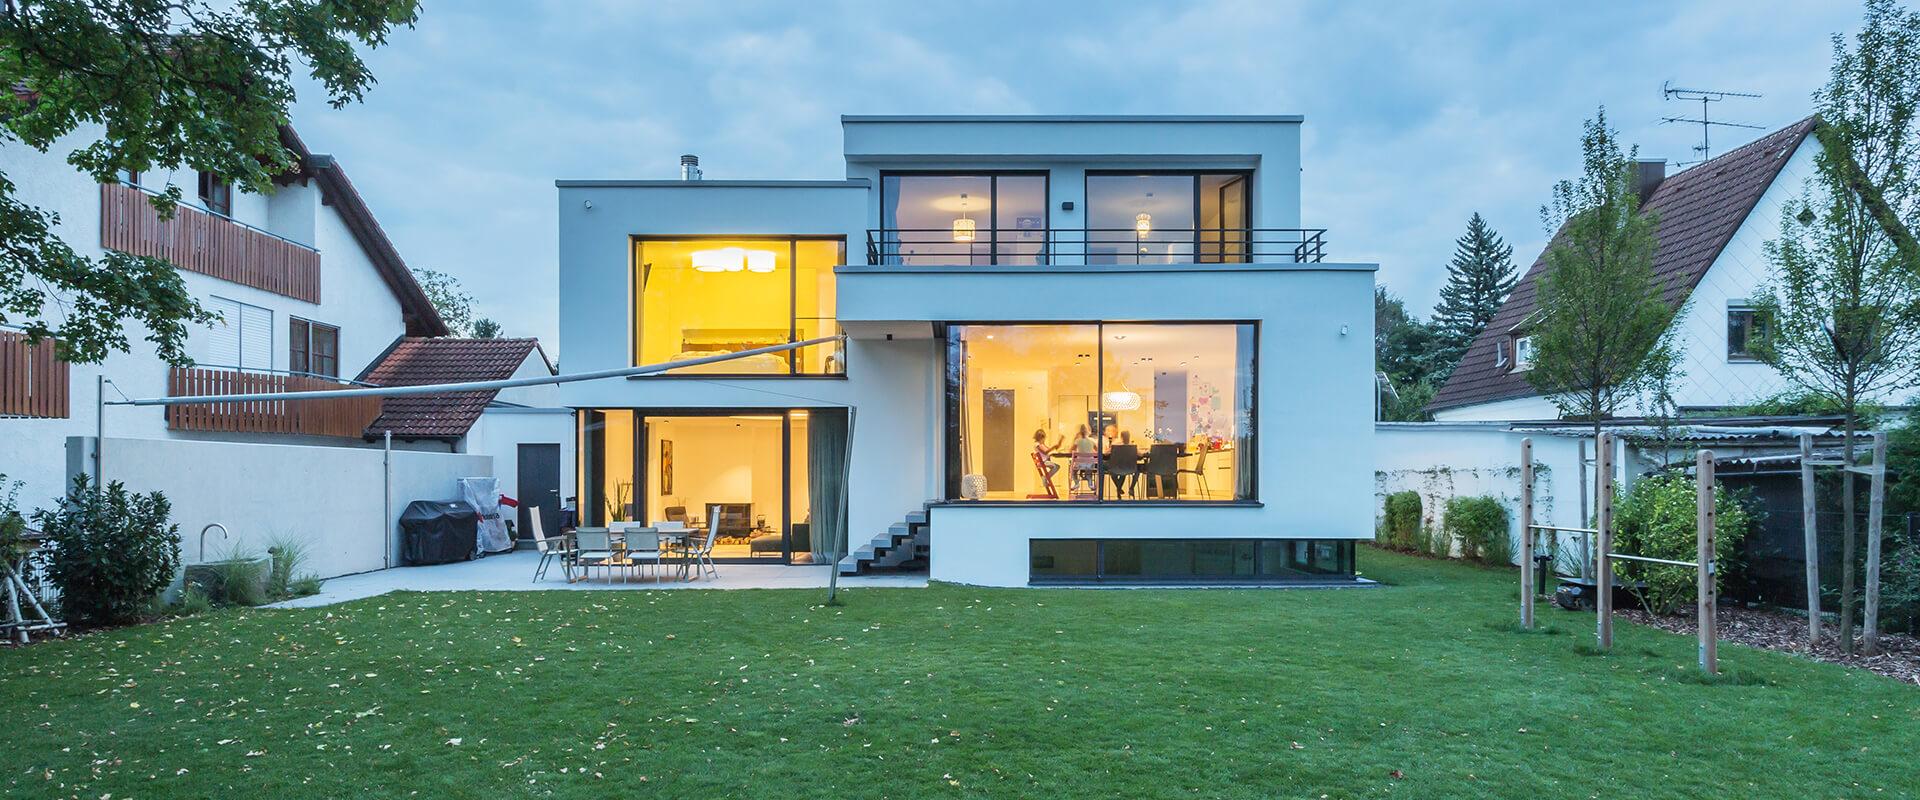 Architekt München Ost   Einfamilienhaus Trudering - Haus H ...